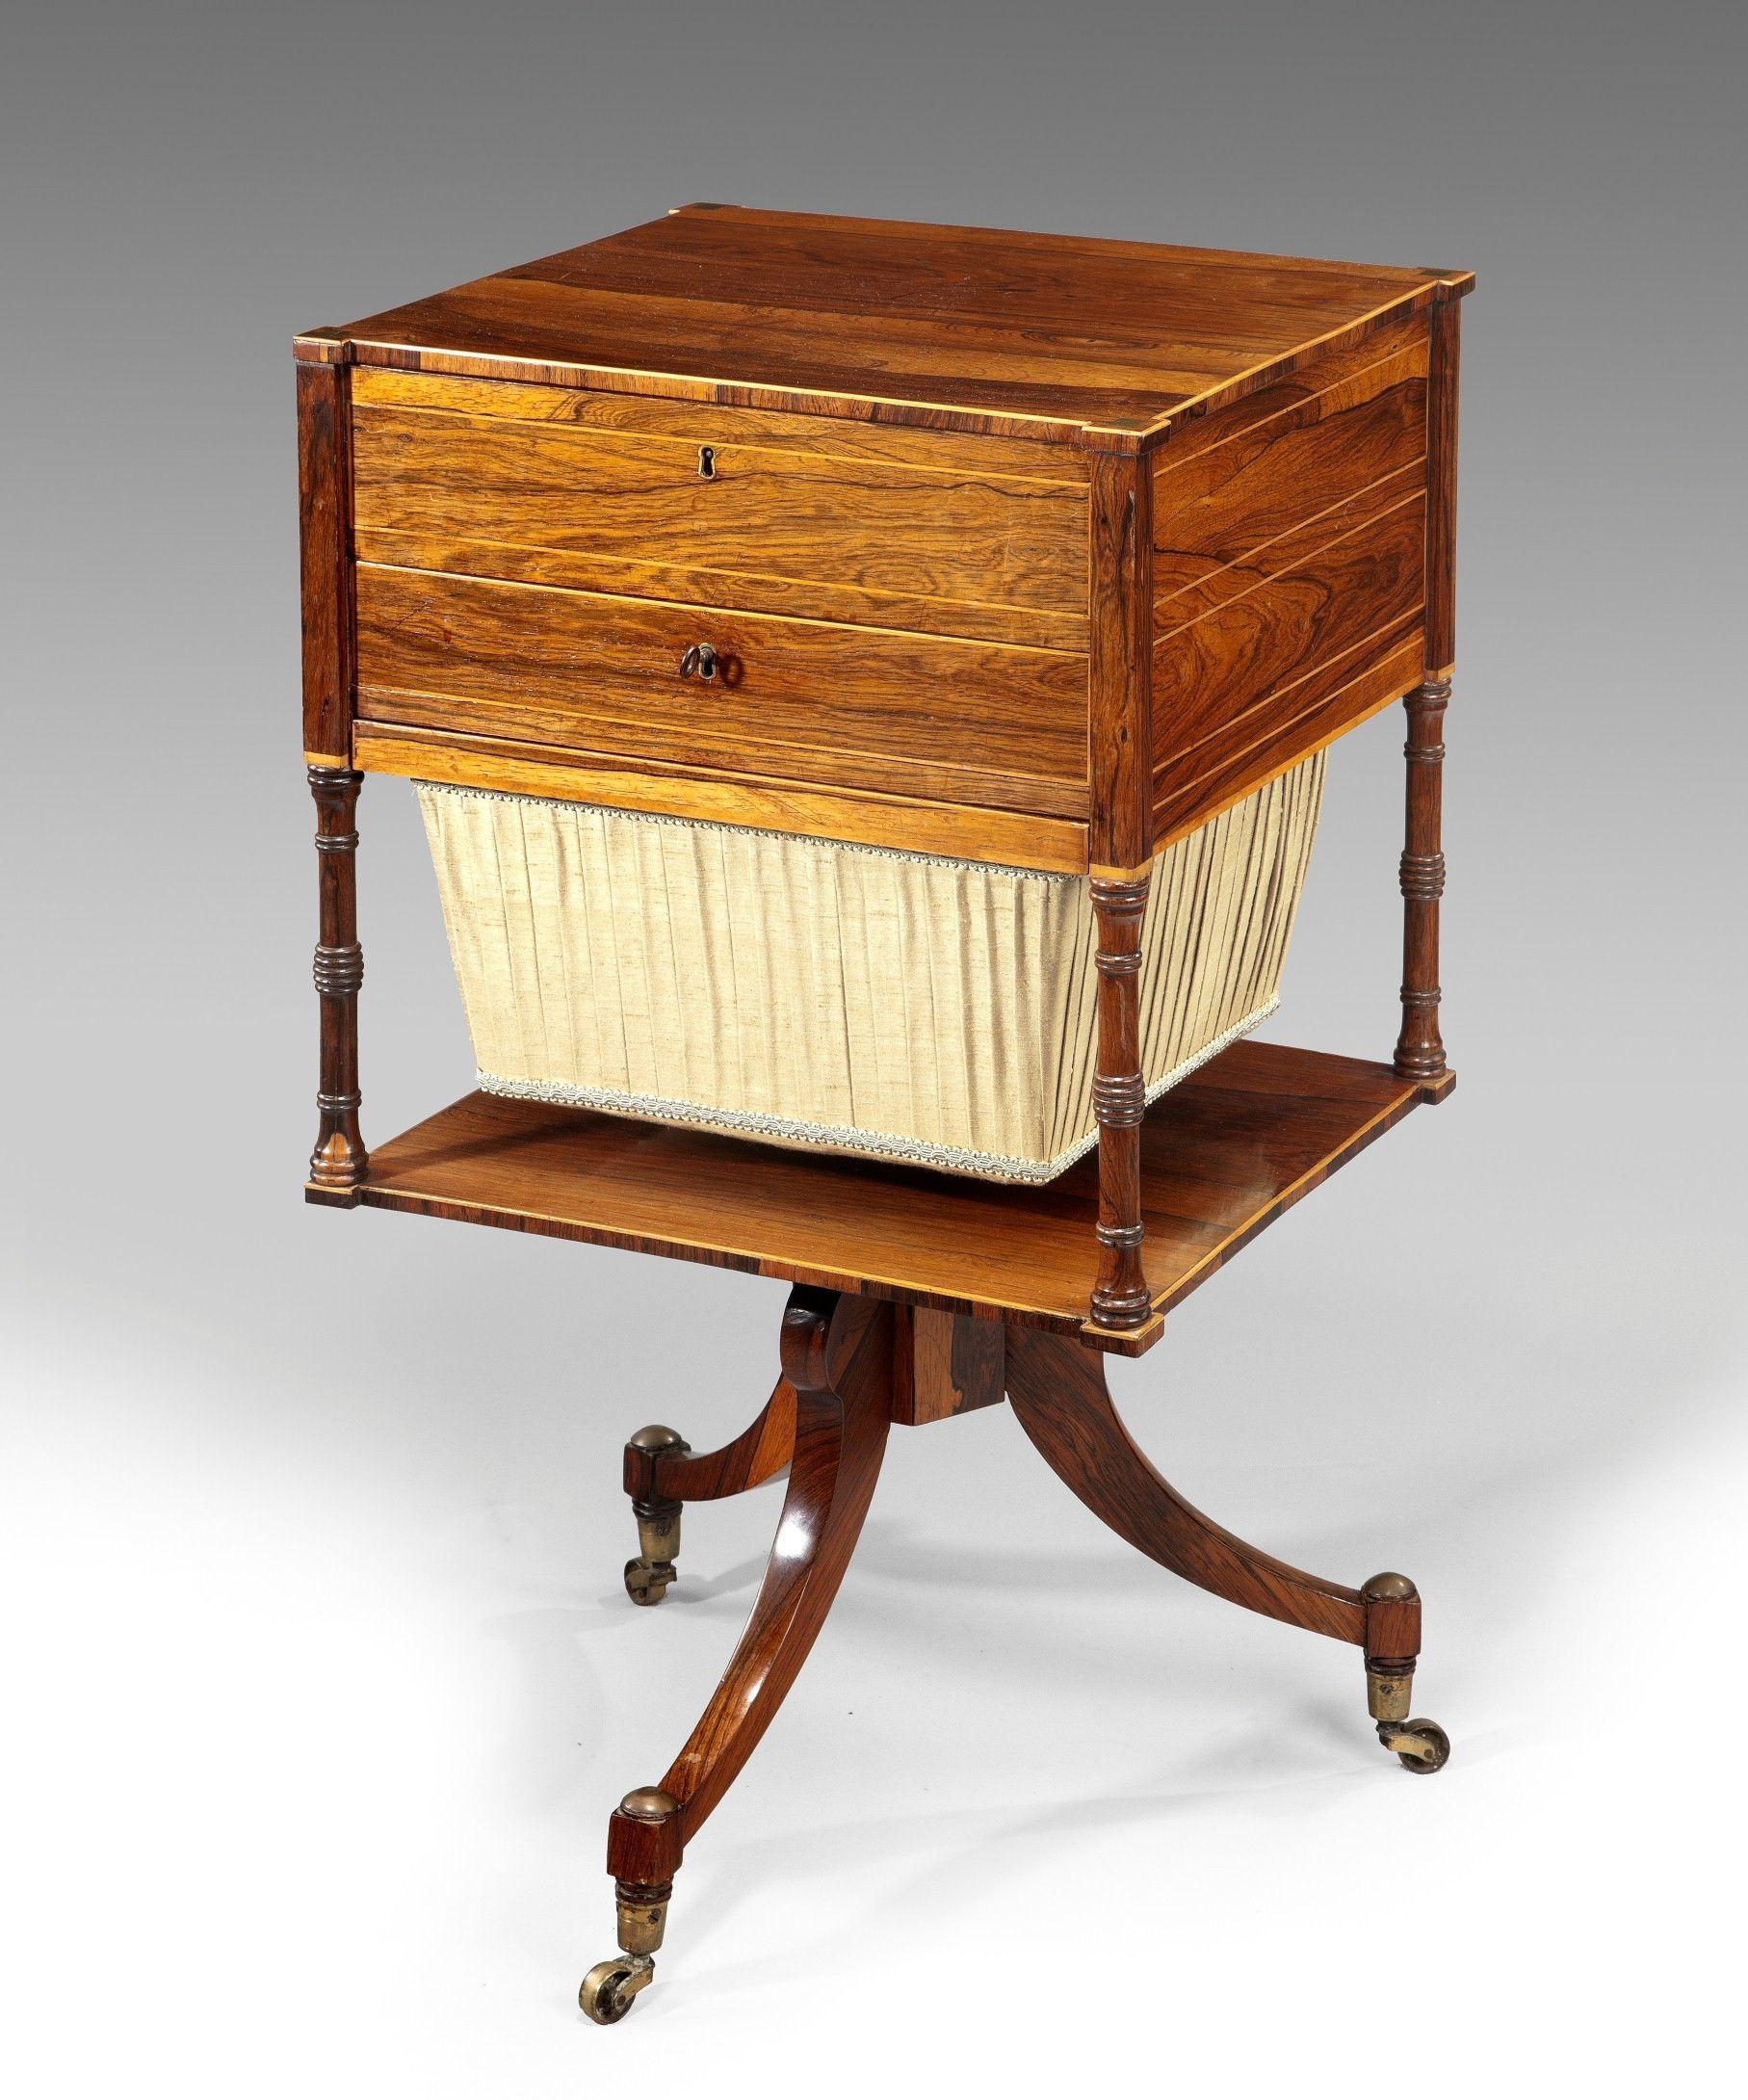 English Antique Georgian Furniture Reindeer Antiques Mobilier De Salon Boite A Ouvrage Meuble